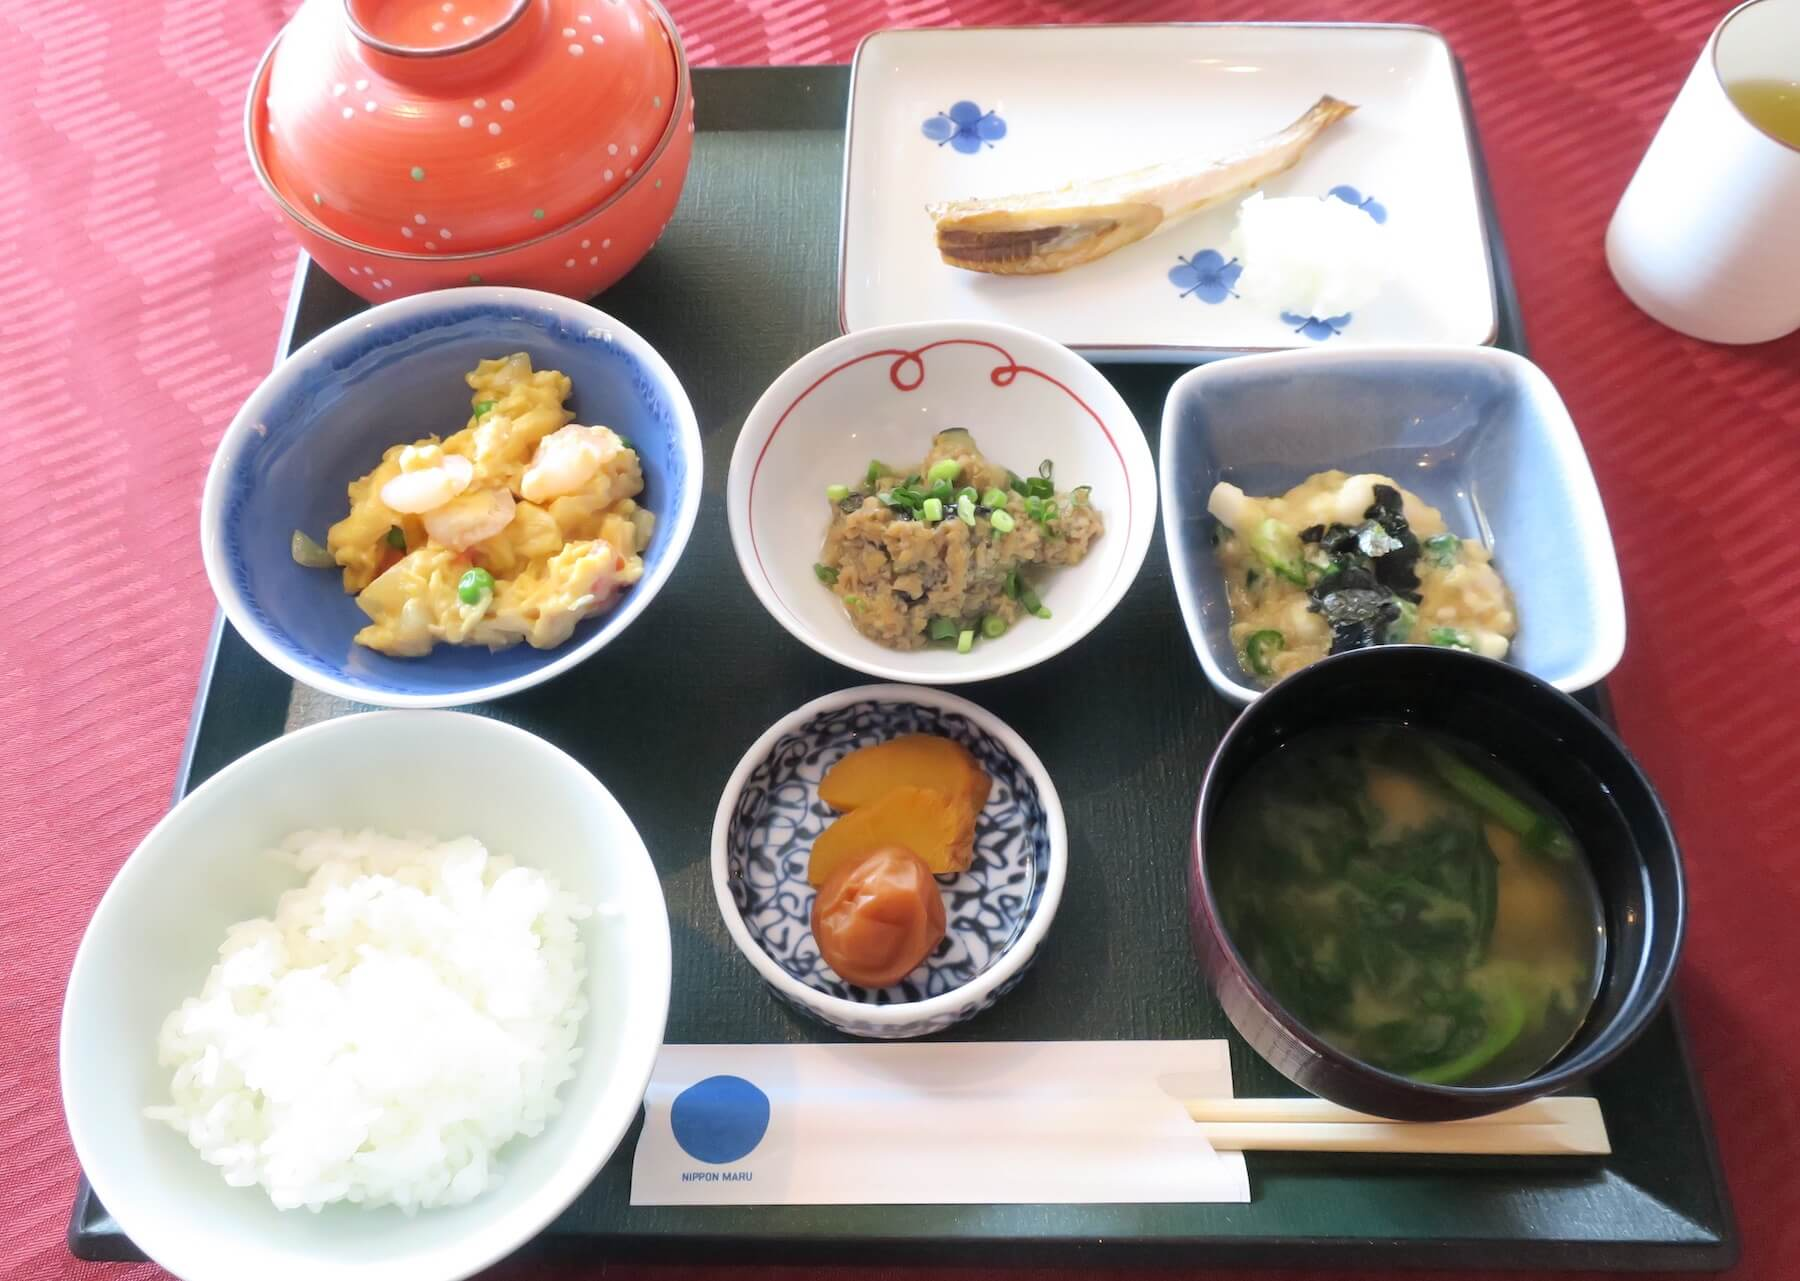 にっぽん丸 朝食 瑞穂 和食